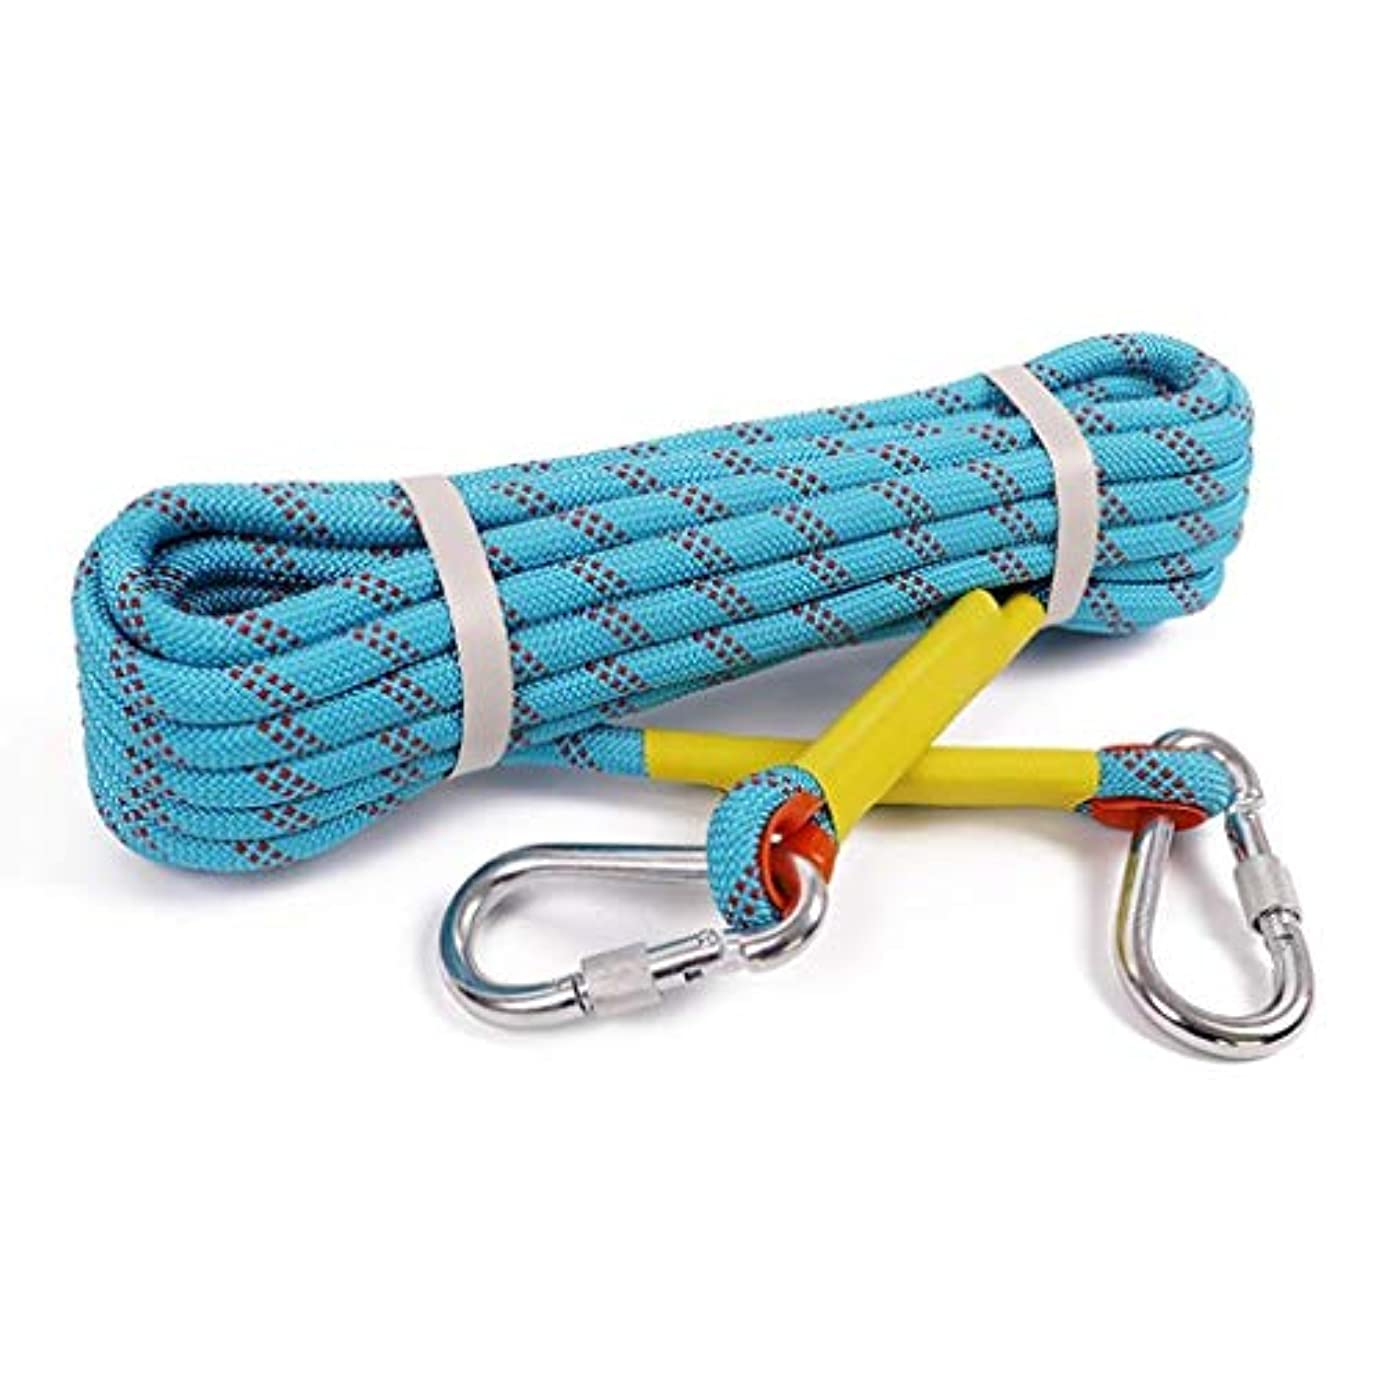 チケットセール頑張る登山ロープの家の火の緊急脱出ロープ、ハイキングの洞窟探検のキャンプの救助調査および工学保護のための多機能のコードの安全ロープ。 (Color : 青, Size : 10m*8mm)